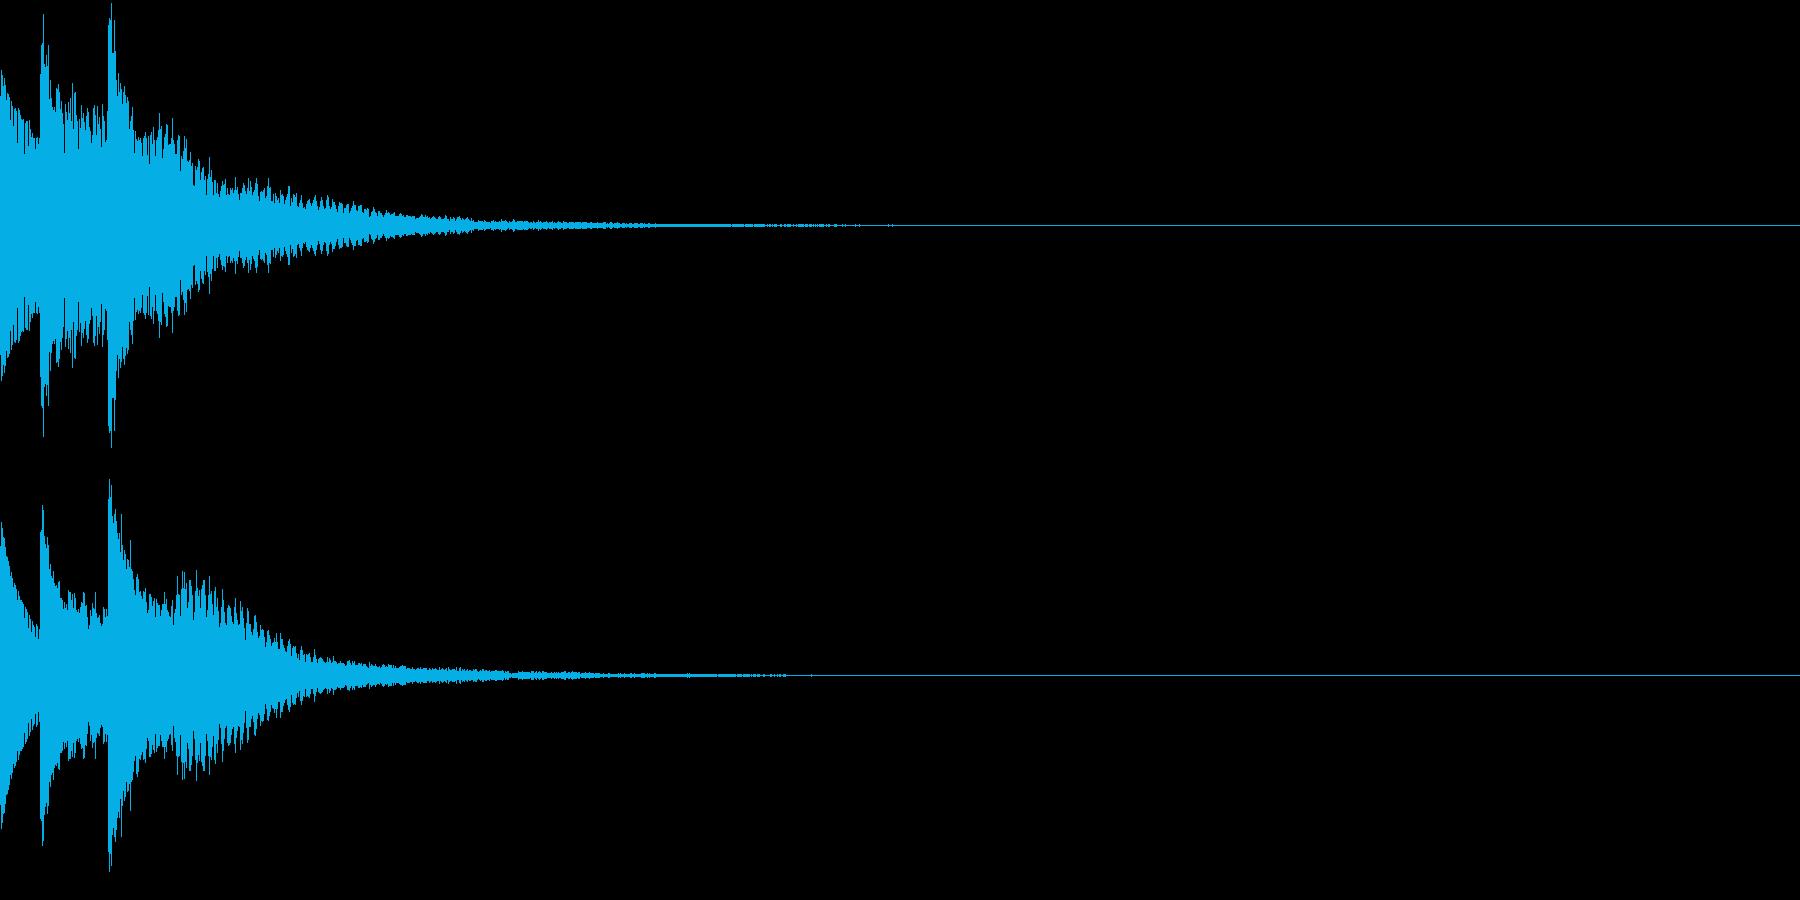 クリック 表示音 キラリン ピロリンの再生済みの波形